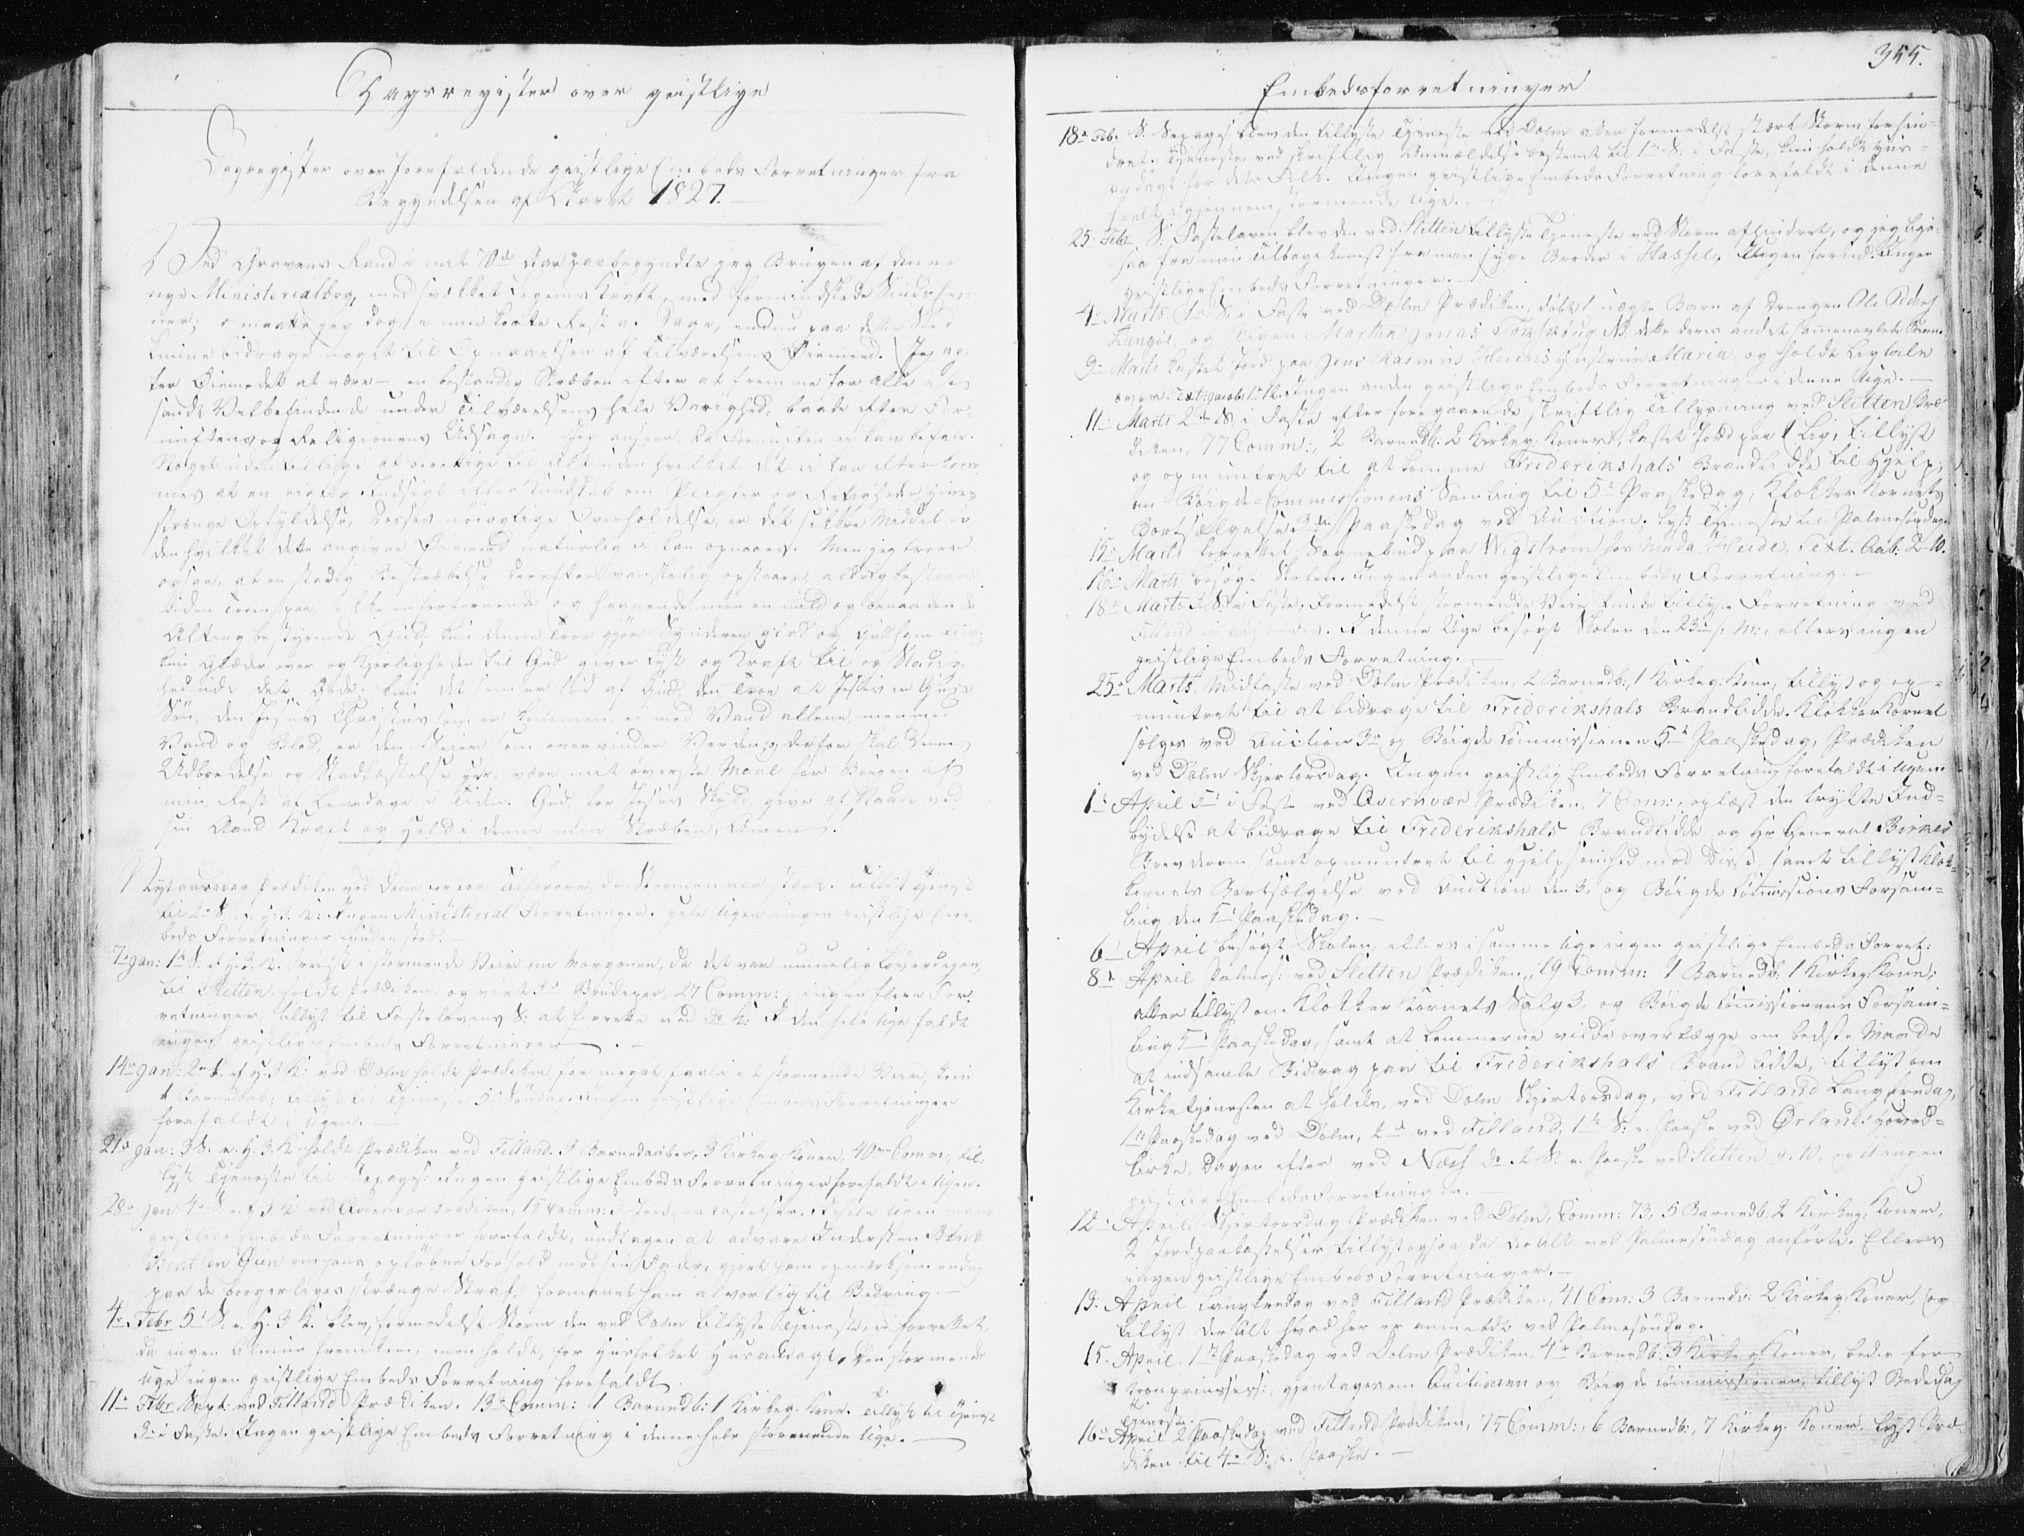 SAT, Ministerialprotokoller, klokkerbøker og fødselsregistre - Sør-Trøndelag, 634/L0528: Ministerialbok nr. 634A04, 1827-1842, s. 355